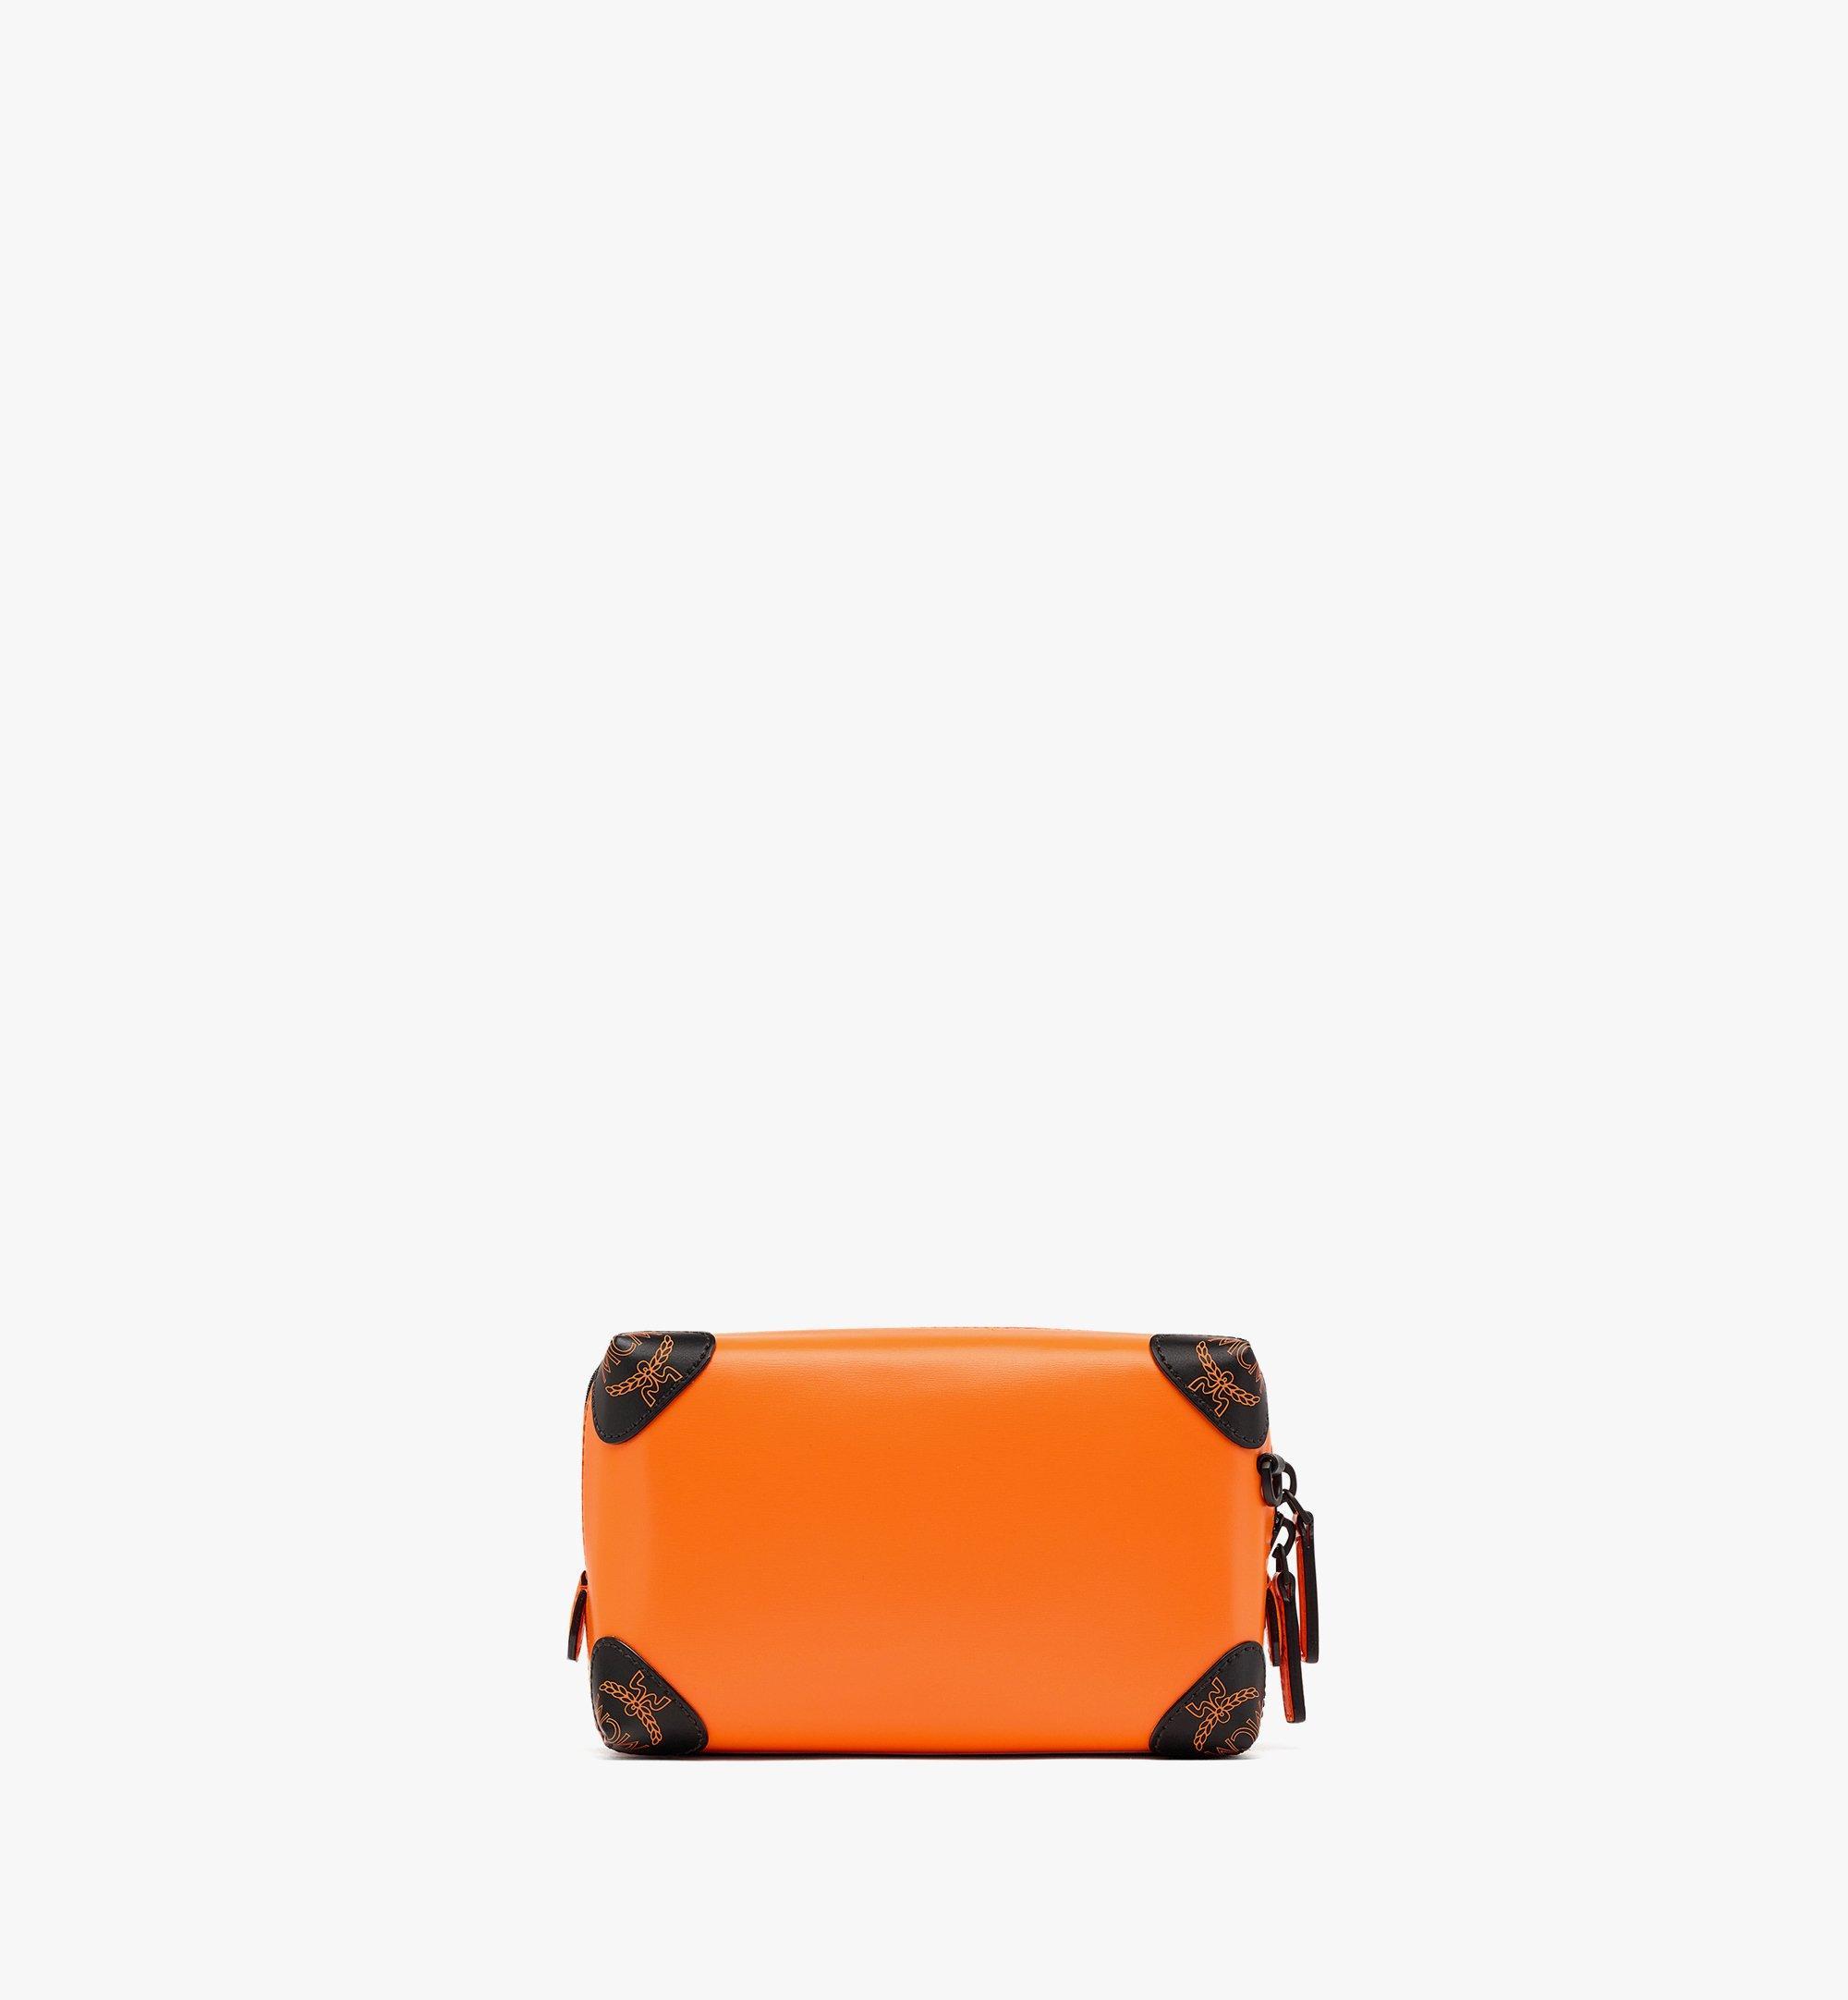 MCM SoftBerlin Crossbody-Tasche aus spanischem Leder Orange MMRBABF01O9001 Noch mehr sehen 3